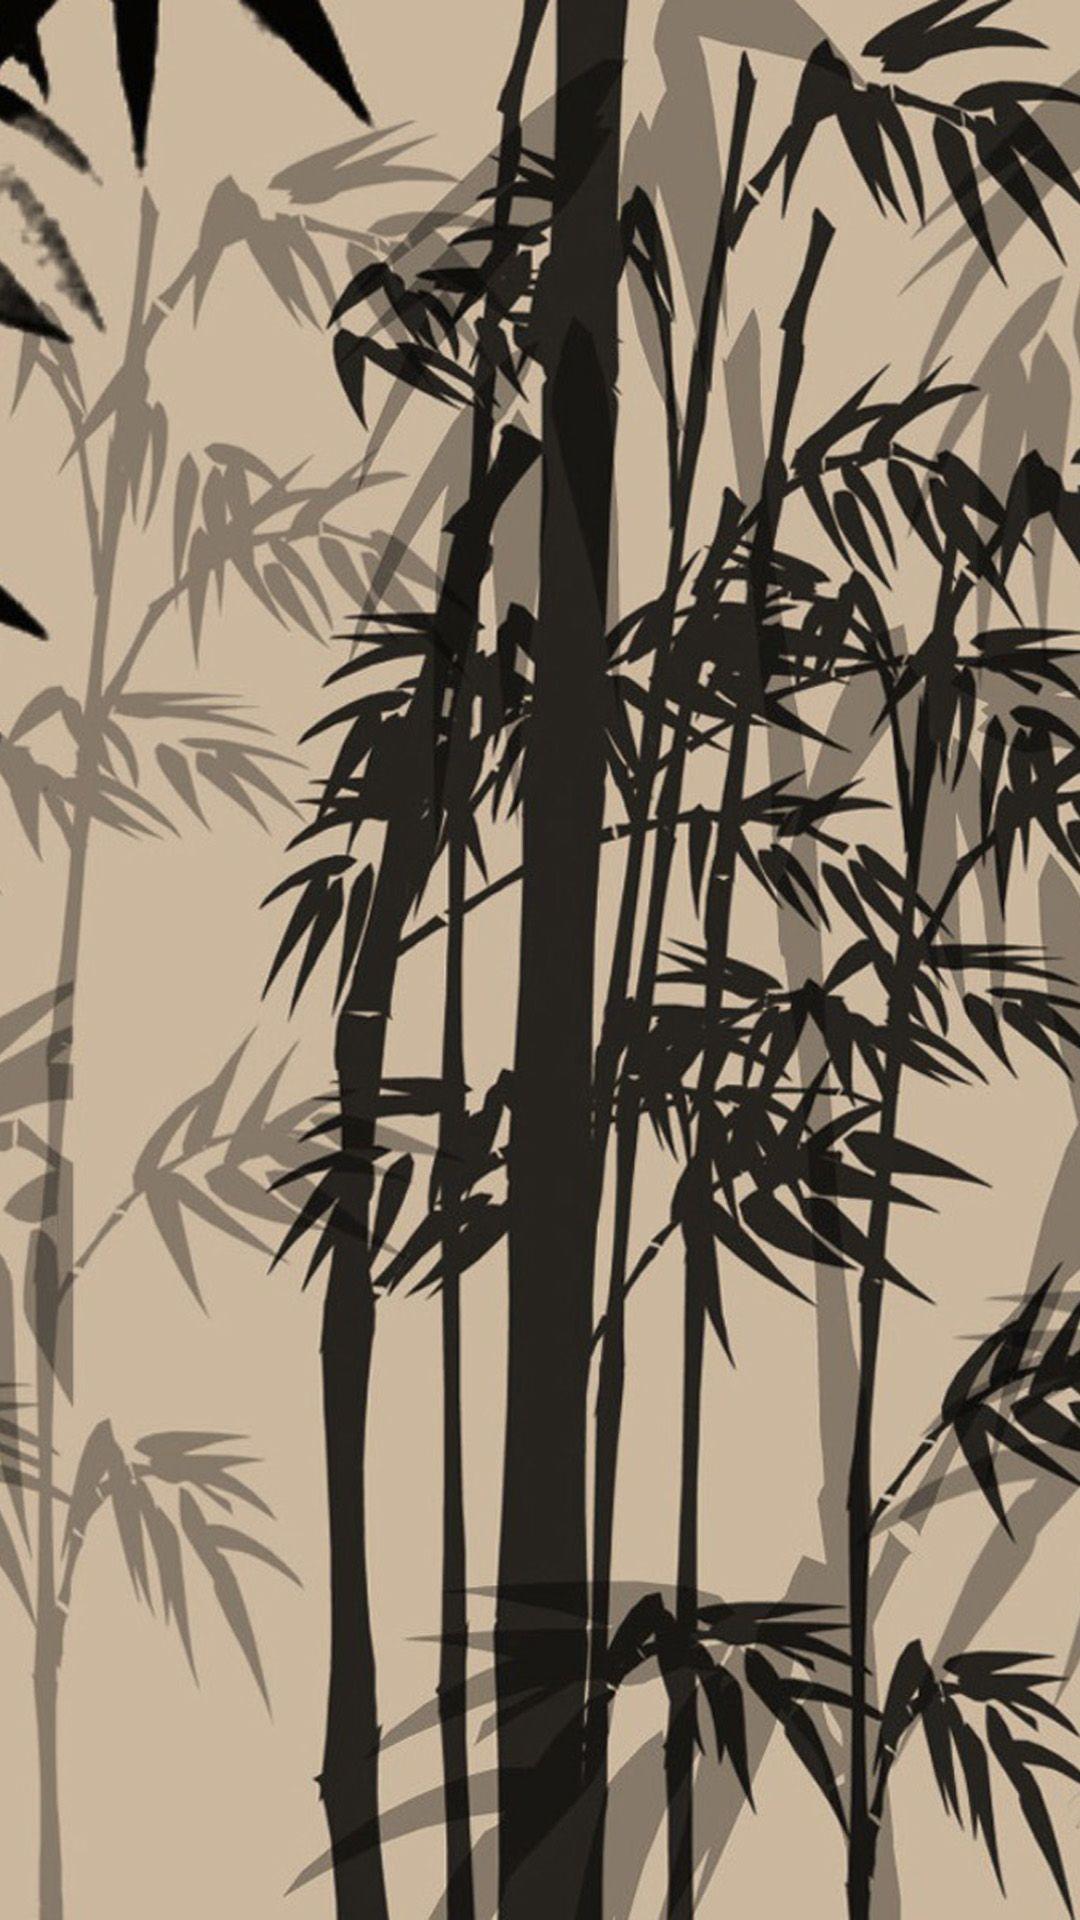 竹やぶ 和柄のiphone壁紙 Iphone11 スマホ壁紙 待受画像ギャラリー 日本美術 画面の壁紙 Iphone壁紙